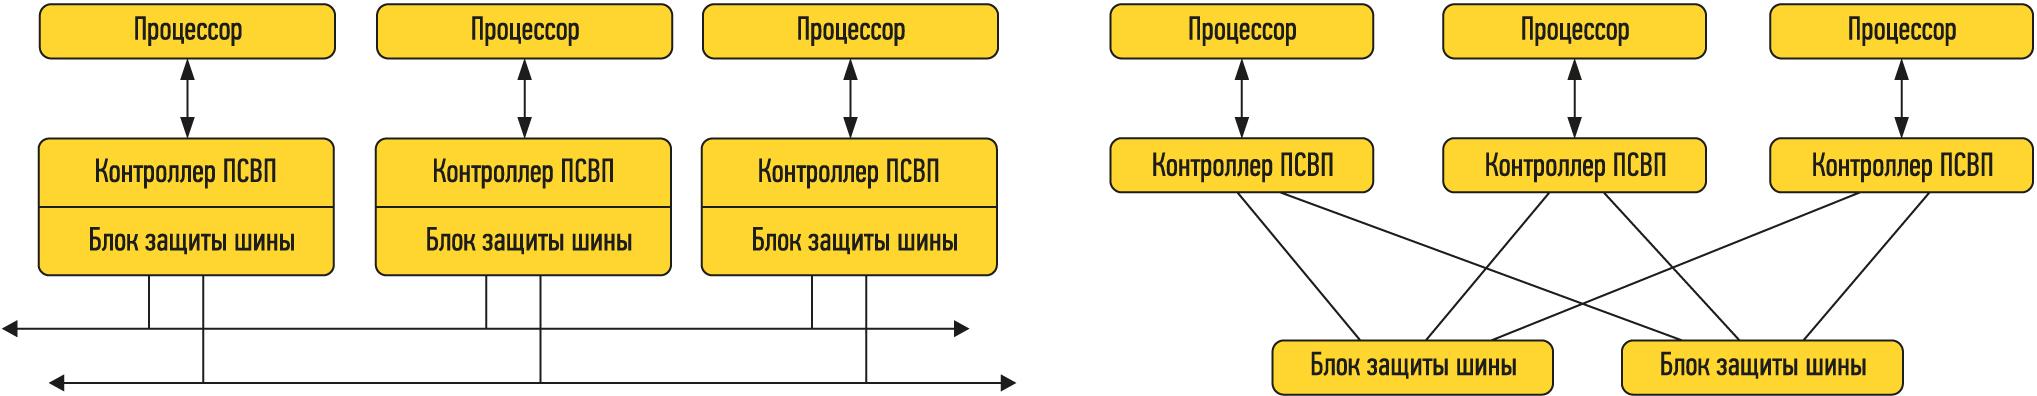 синхронно-временный протокол